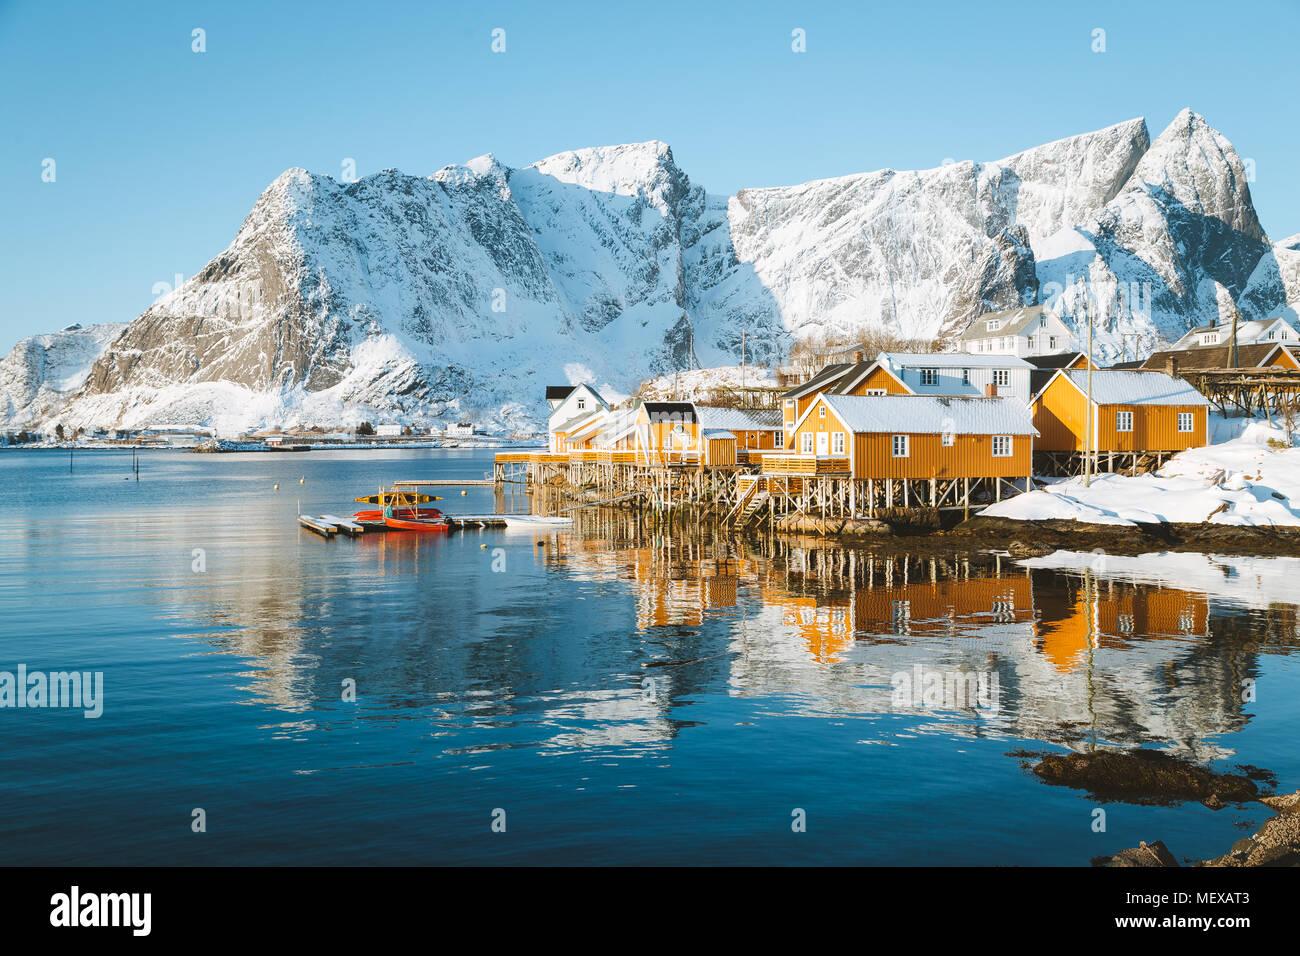 L'archipel des îles Lofoten pittoresque paysage d'hiver avec pêcheur traditionnel jaune Rorbuer cabines dans le village historique de Sakrisoy, Norvège Photo Stock